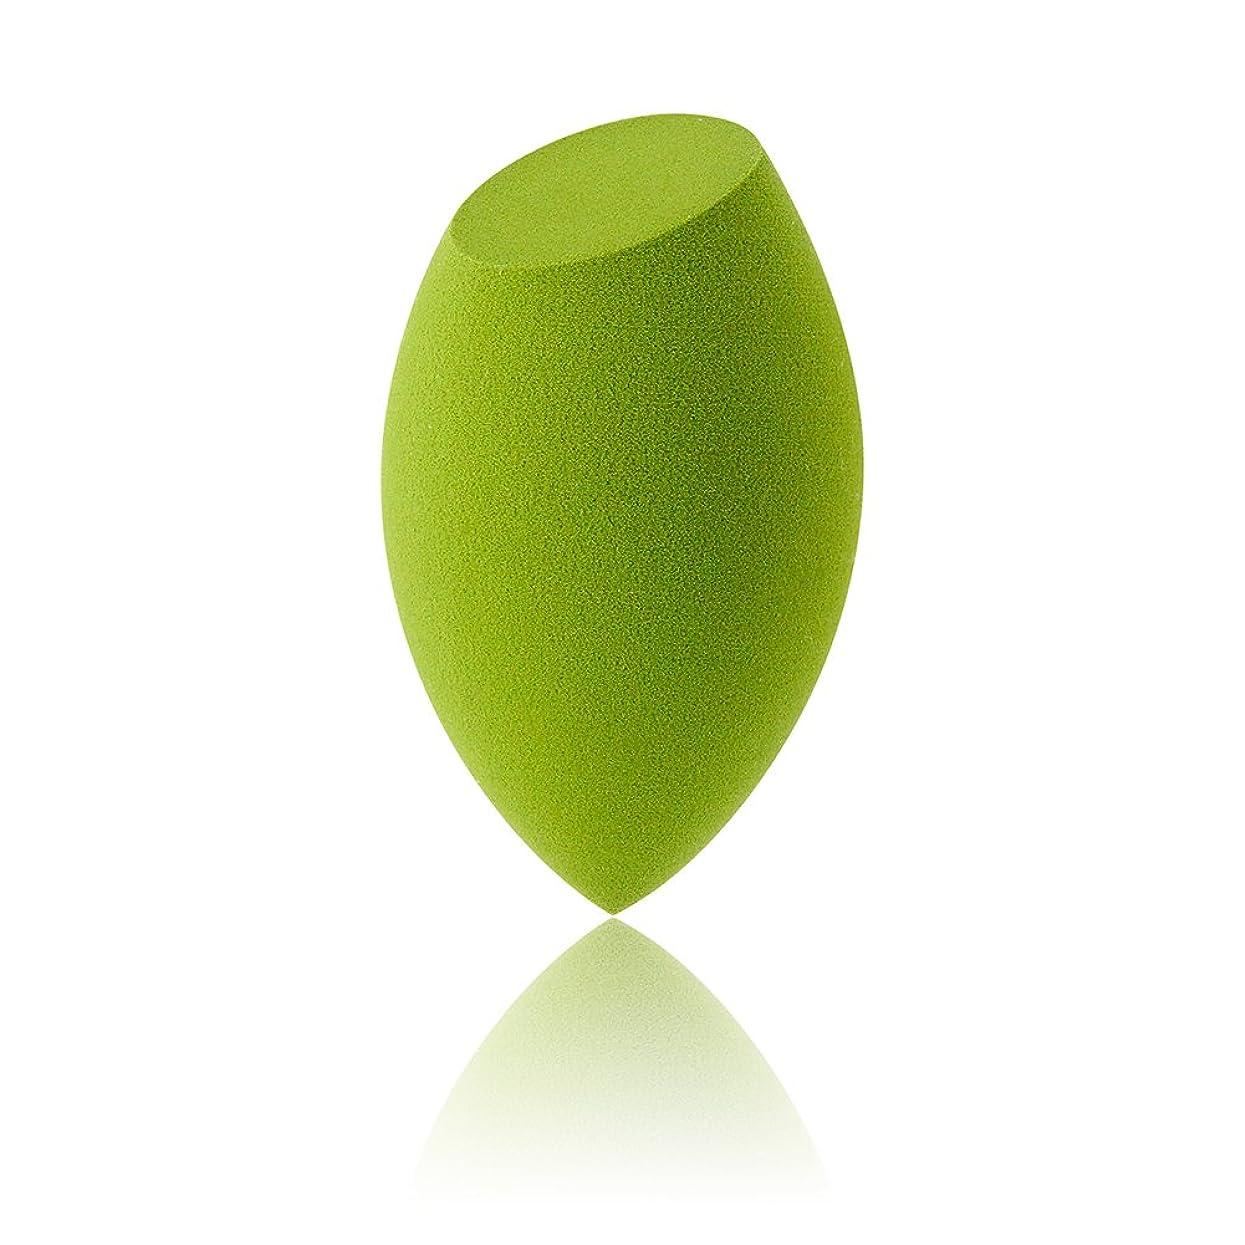 実り多い引き付けるたるみAmeyes メイク用スポンジパフ 乾湿兼用 ふわふわ (斜めカット形/緑)